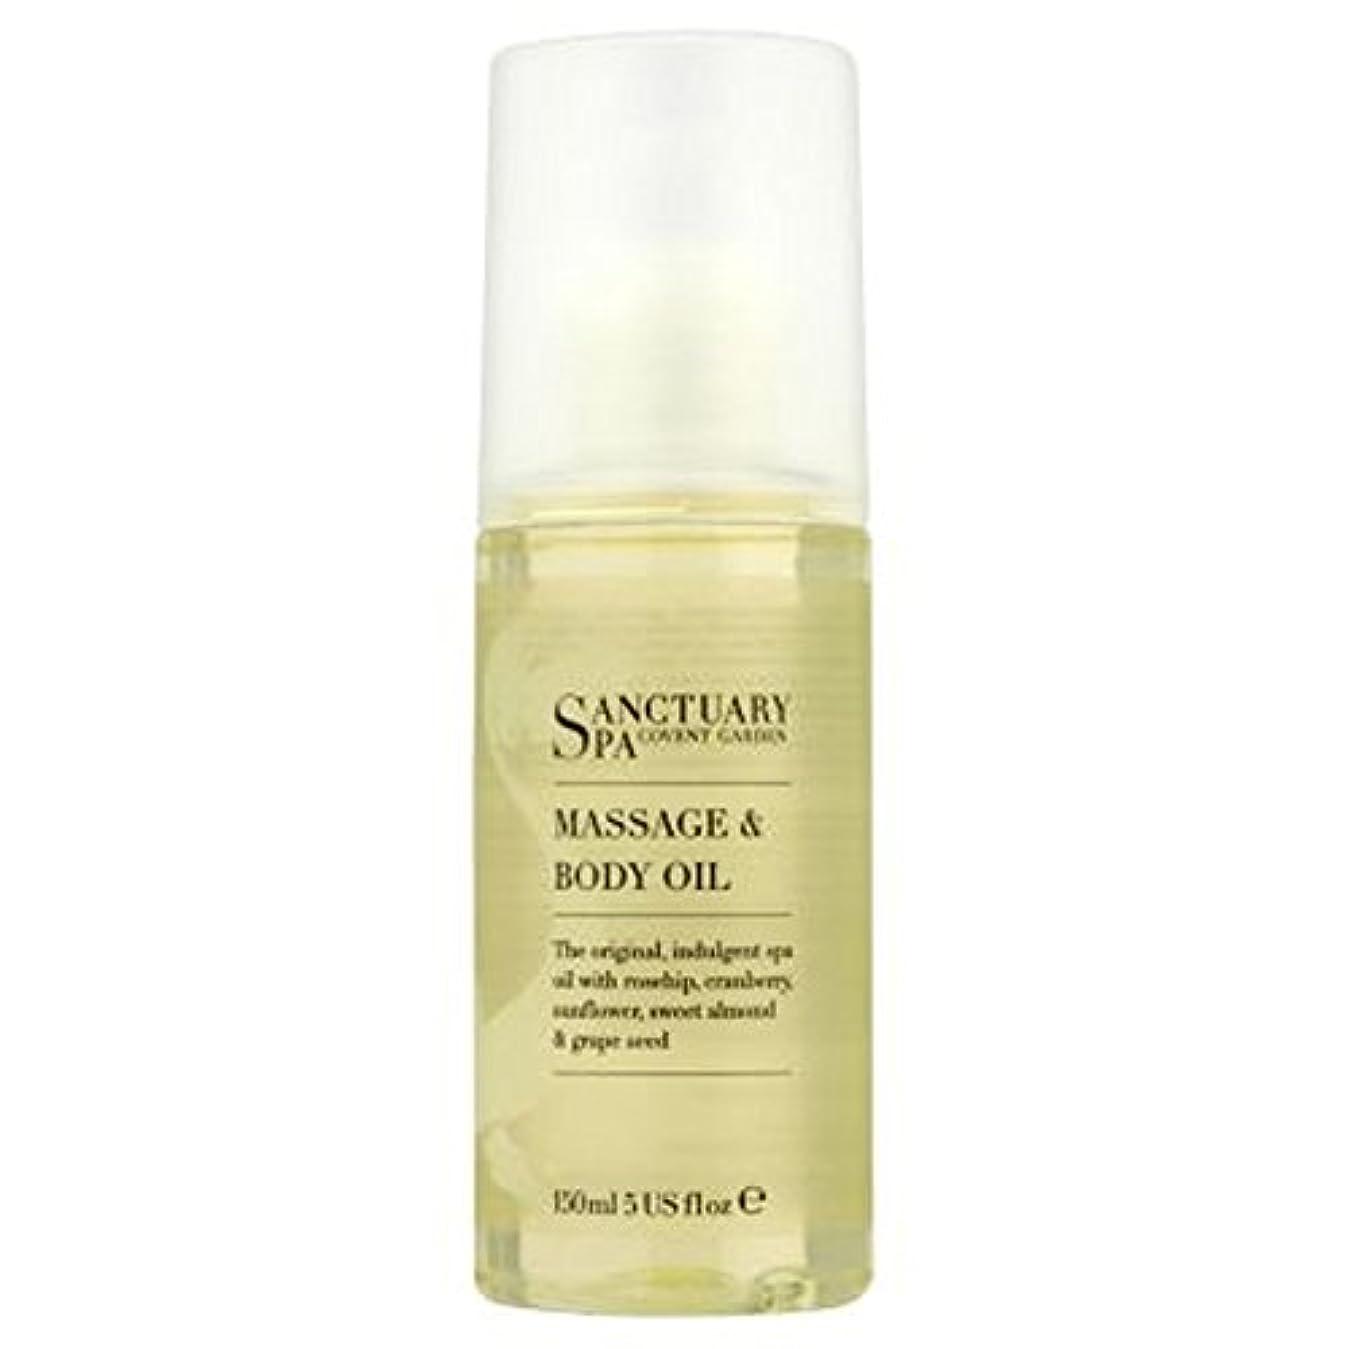 動作温室最も早い聖域毎日のスパエスケープマッサージやボディオイル - 150ミリリットル (Sanctuary) (x2) - Sanctuary Daily Spa Escape Massage and Body Oil - 150ml...